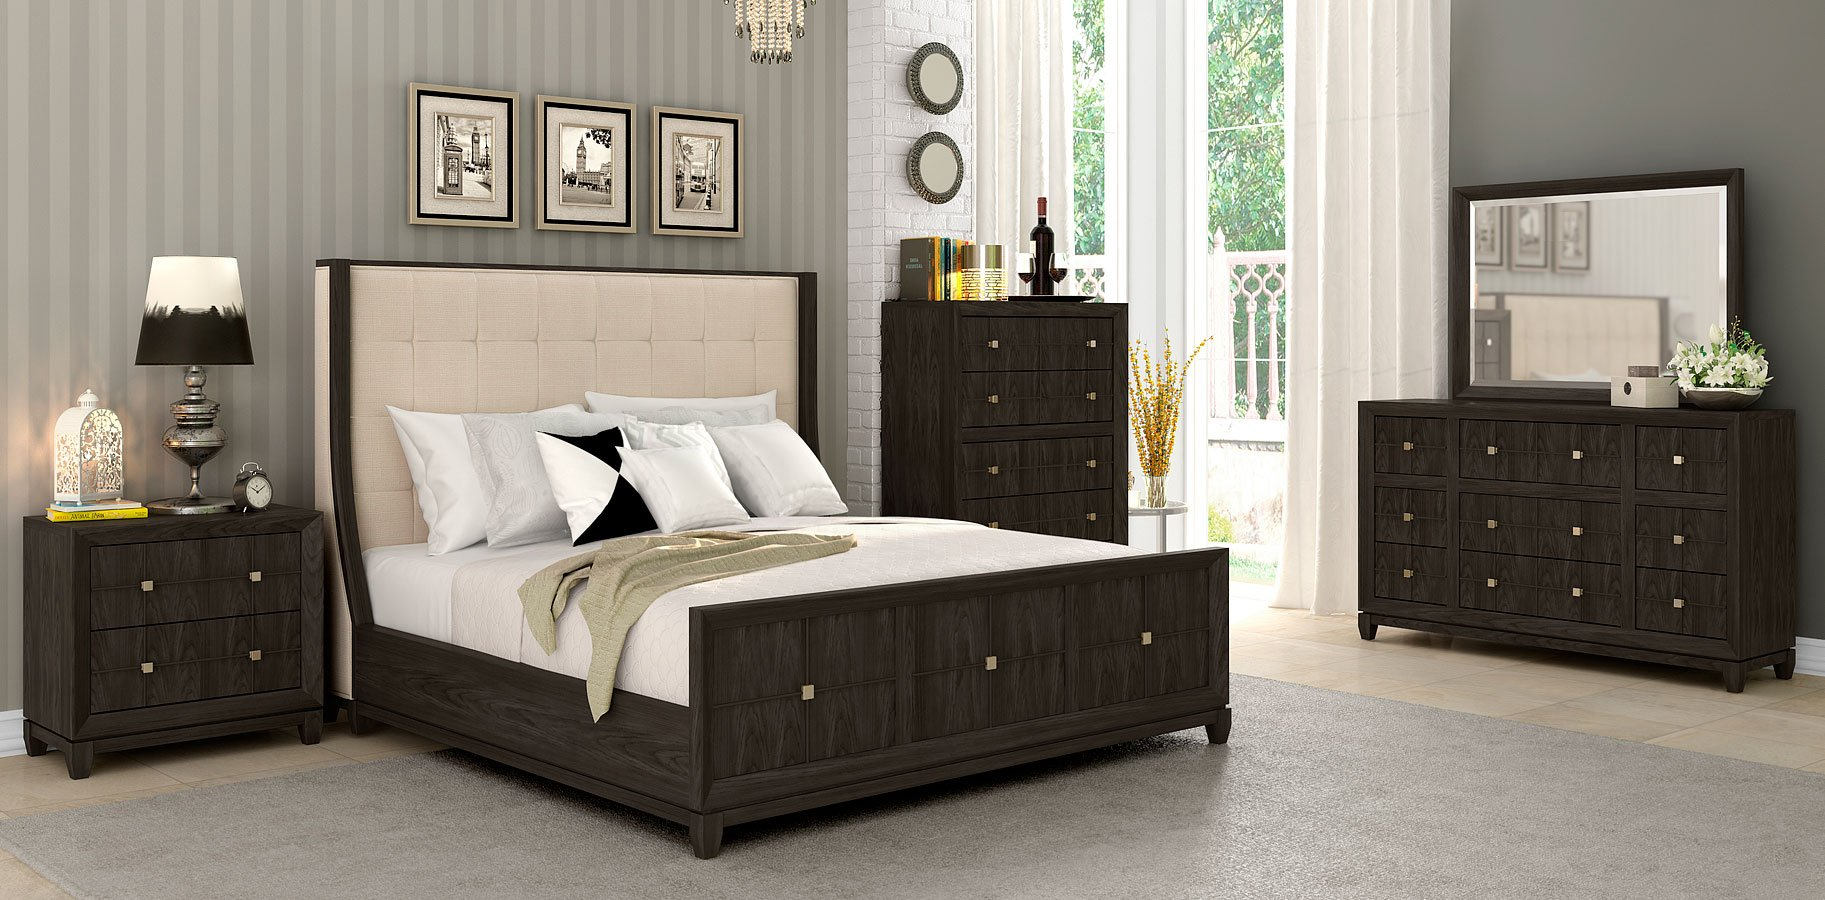 Regency Upholstered Bedroom Set Klaussner Furniture Cart